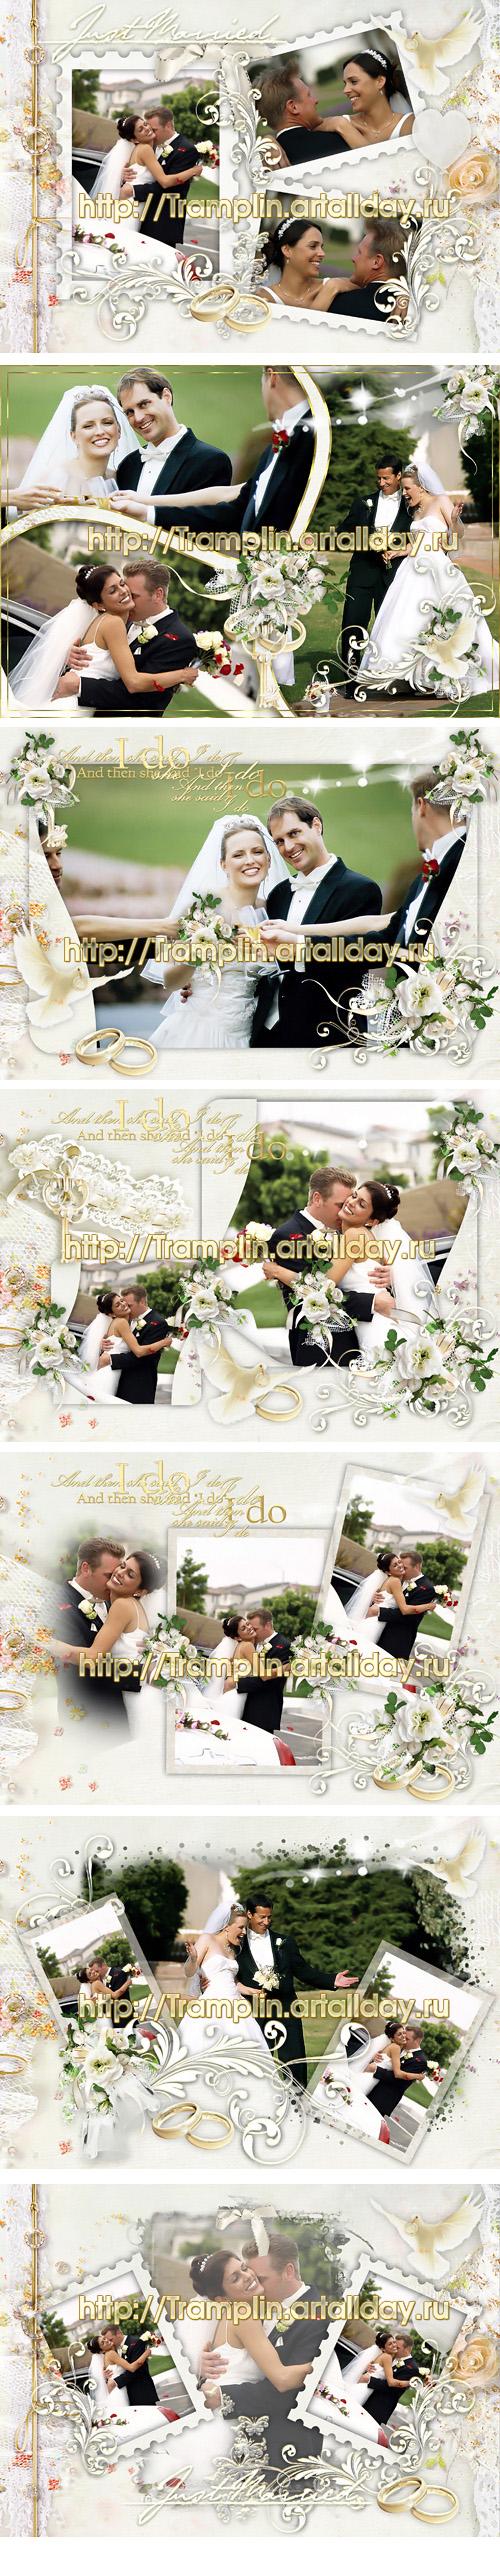 Свадебный фотоальбом - Незабываемые страницы